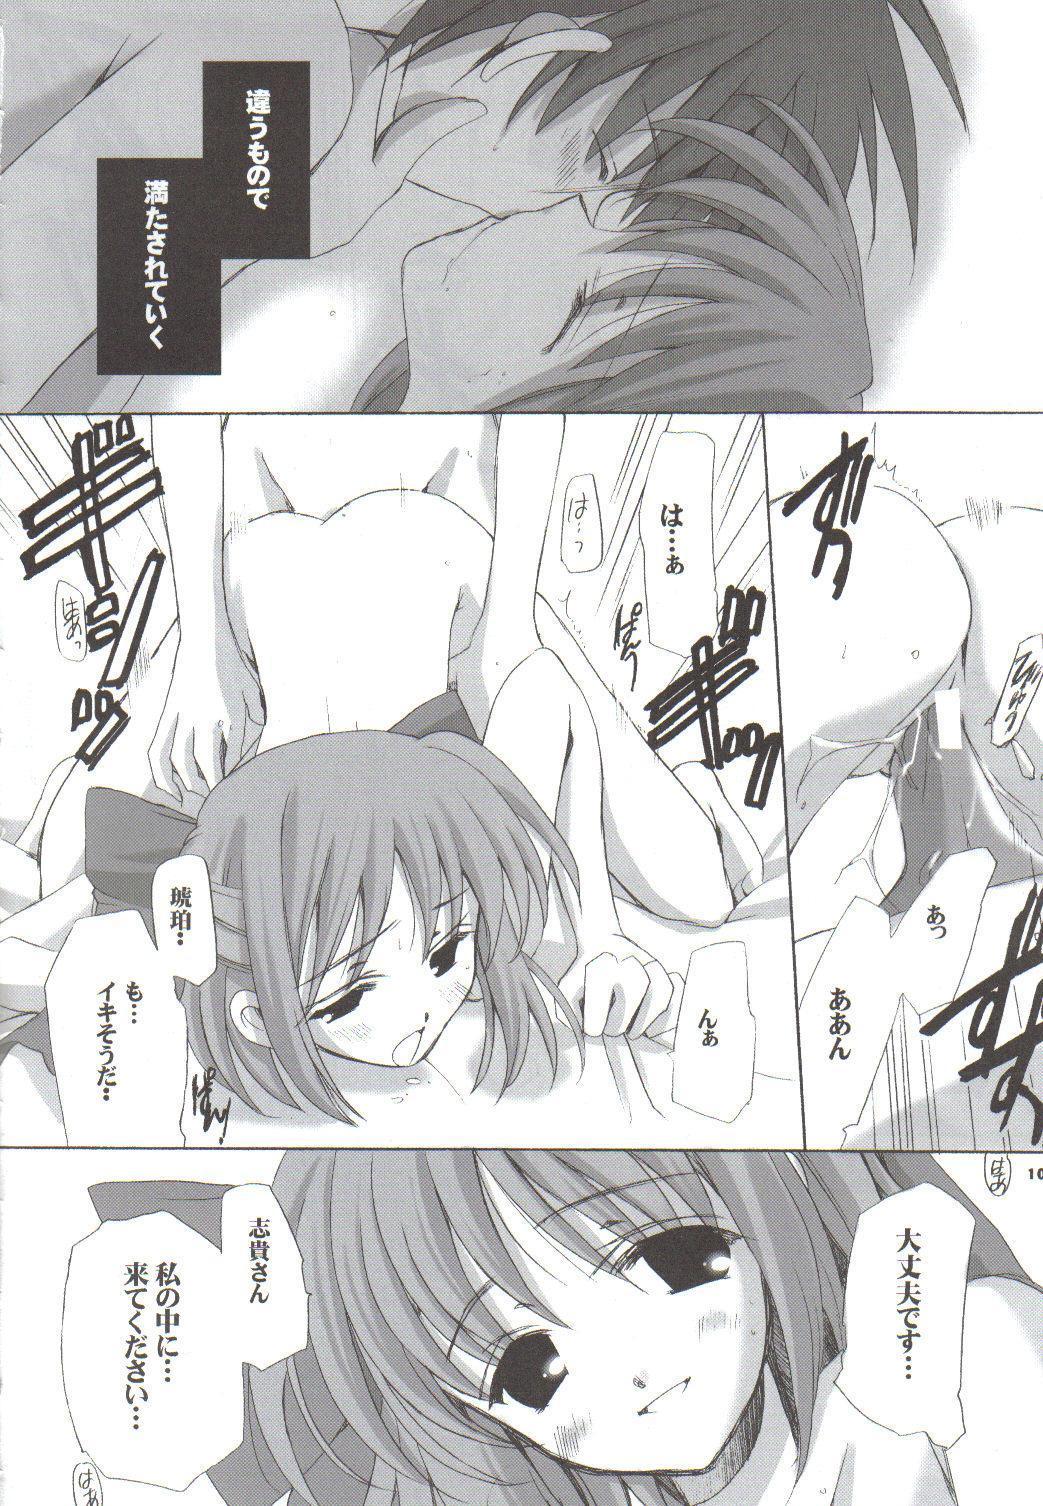 Setsugekka 8